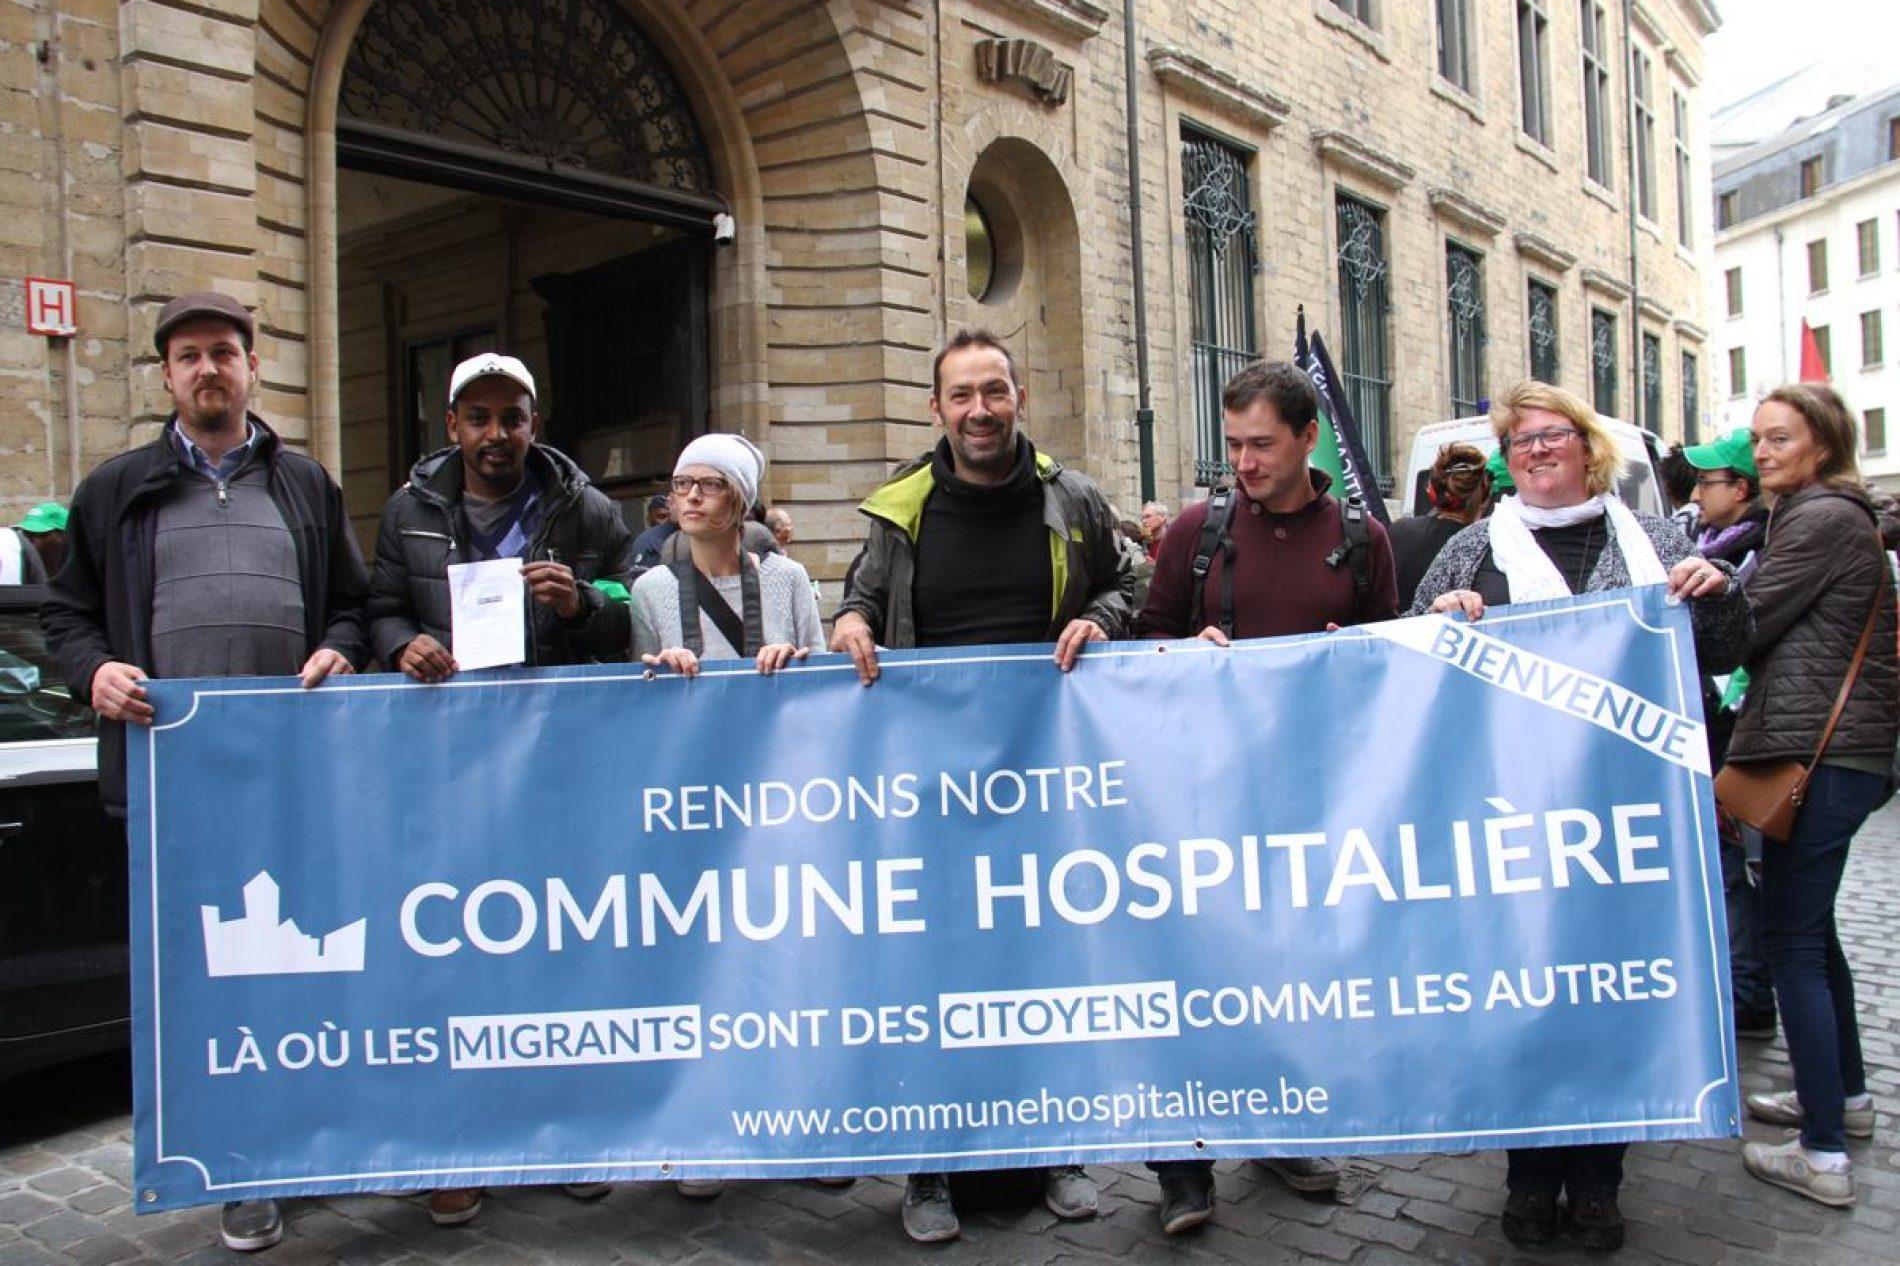 54 communes en Belgique accueillent les migrants